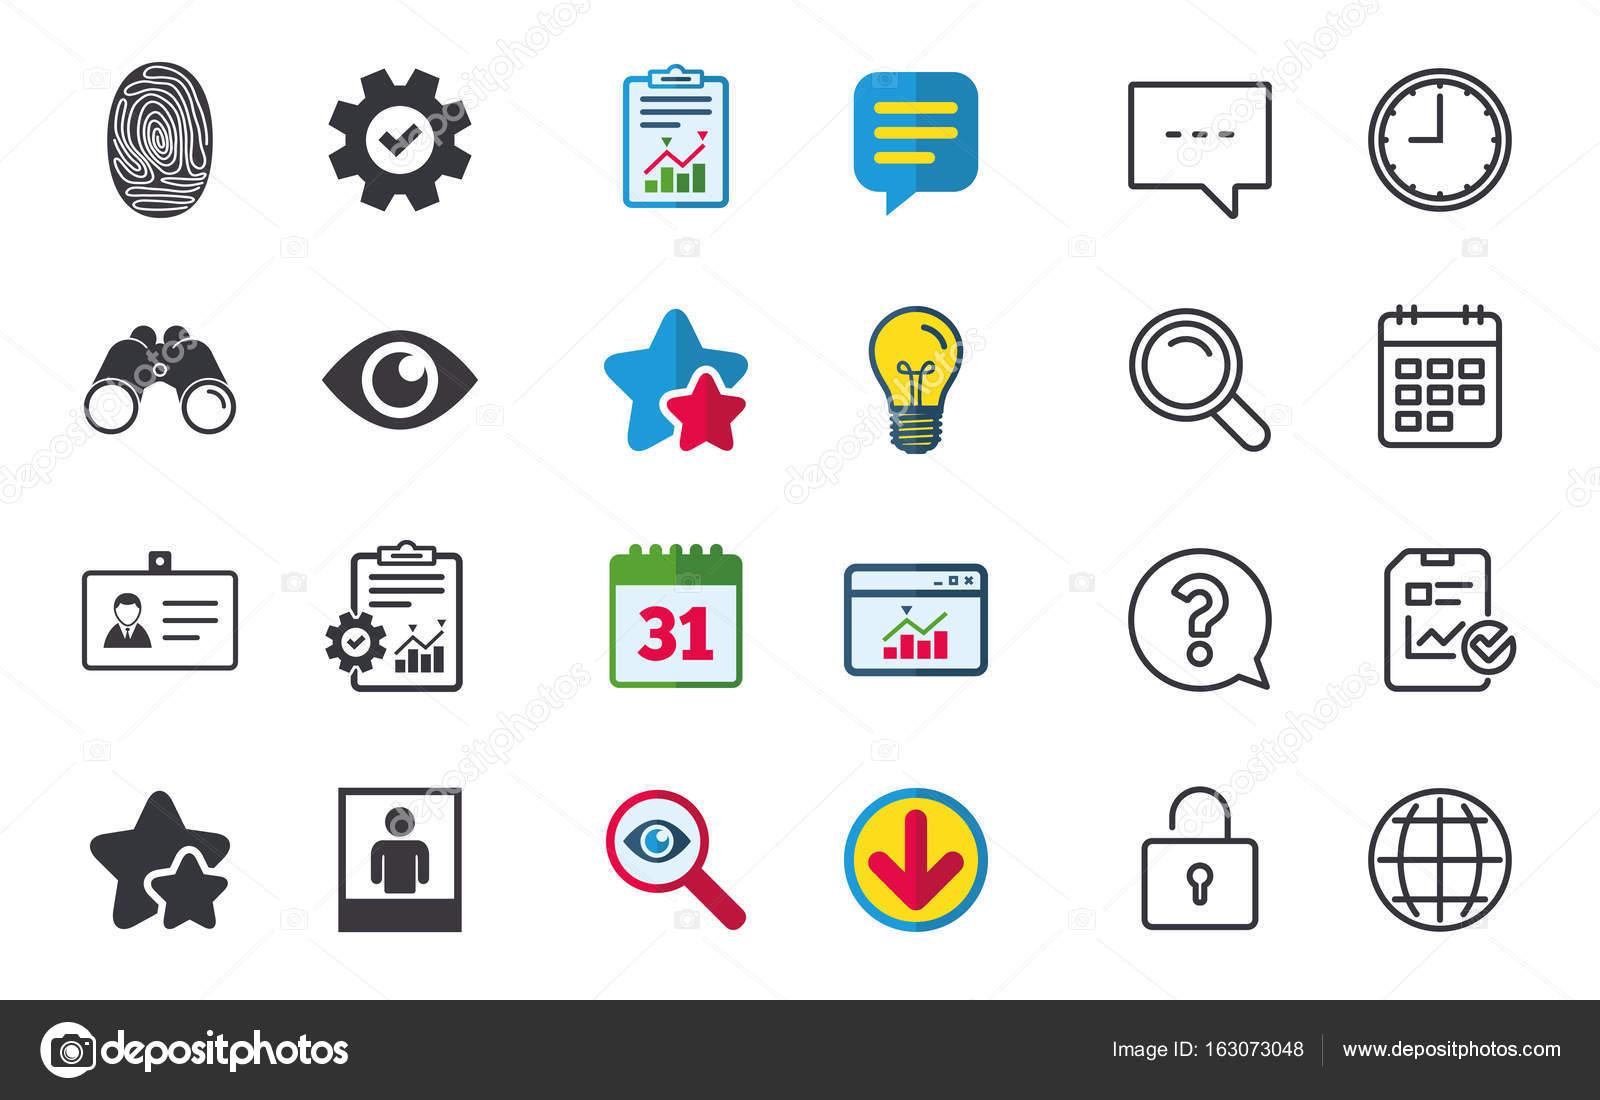 iconos de insignia de identidad DNI. símbolo del ojo — Vector de ...